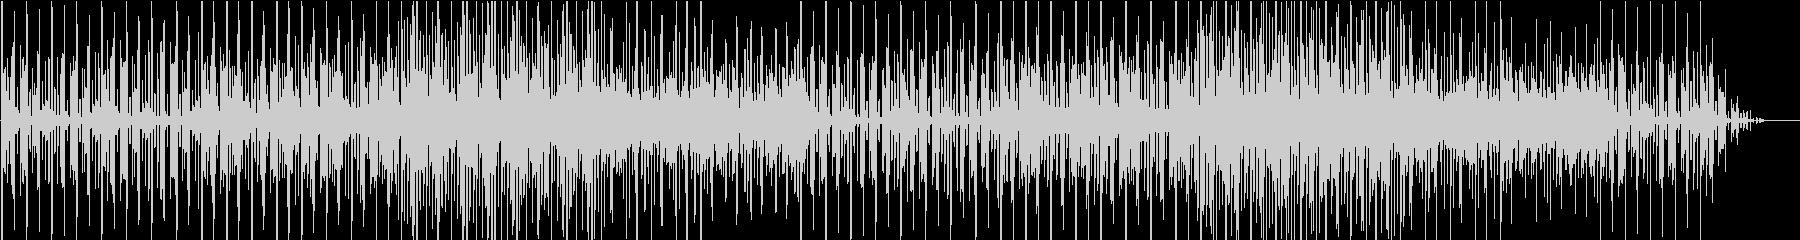 シンプルなデモ画面チップチューンの未再生の波形